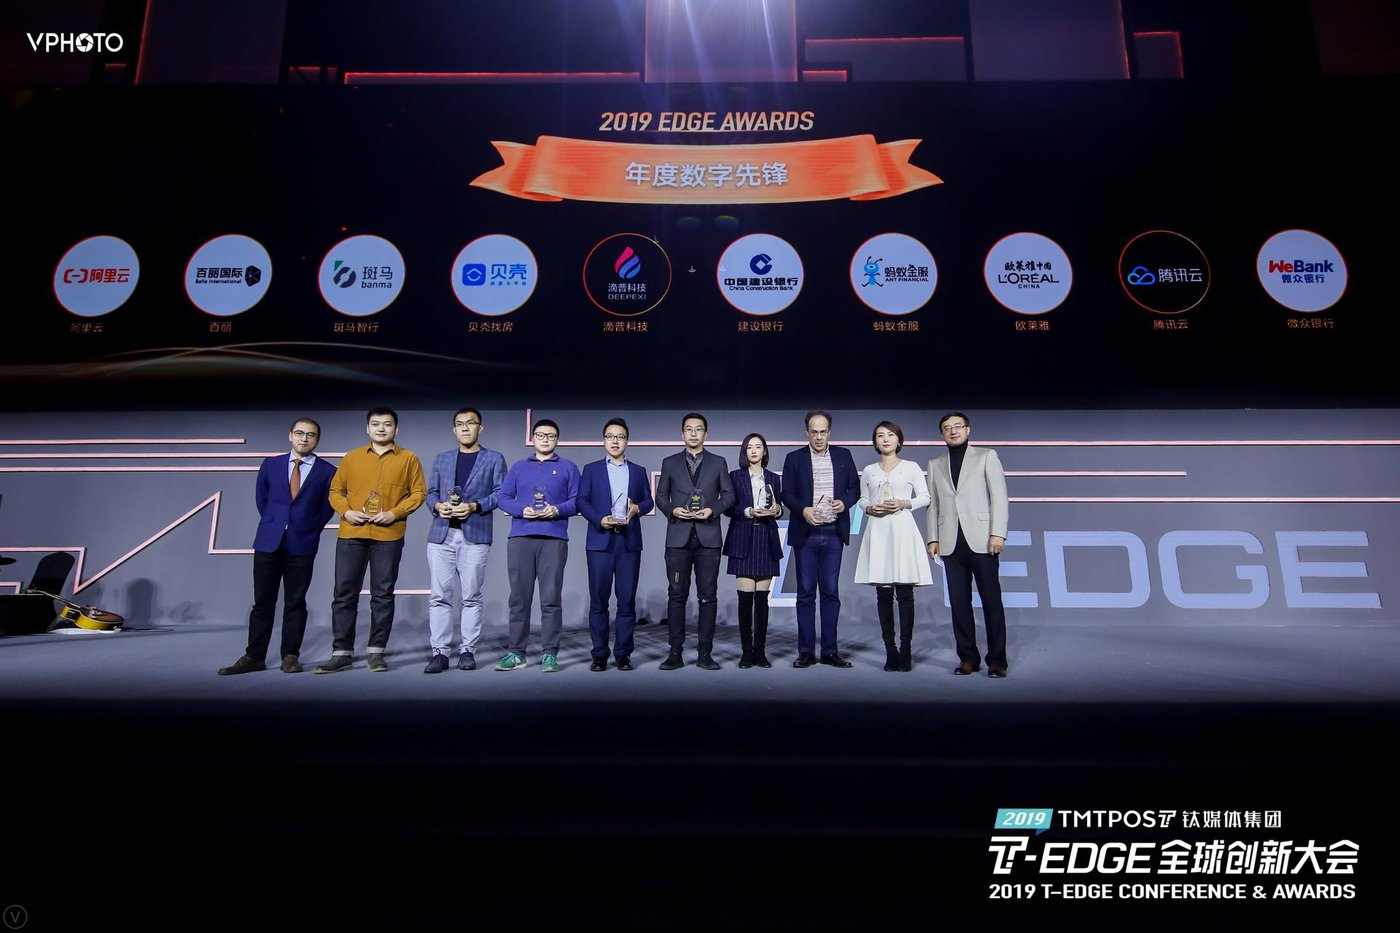 钛媒体 2019 EDGE Awards 全球创新评选之「年度数字先锋」榜单发布